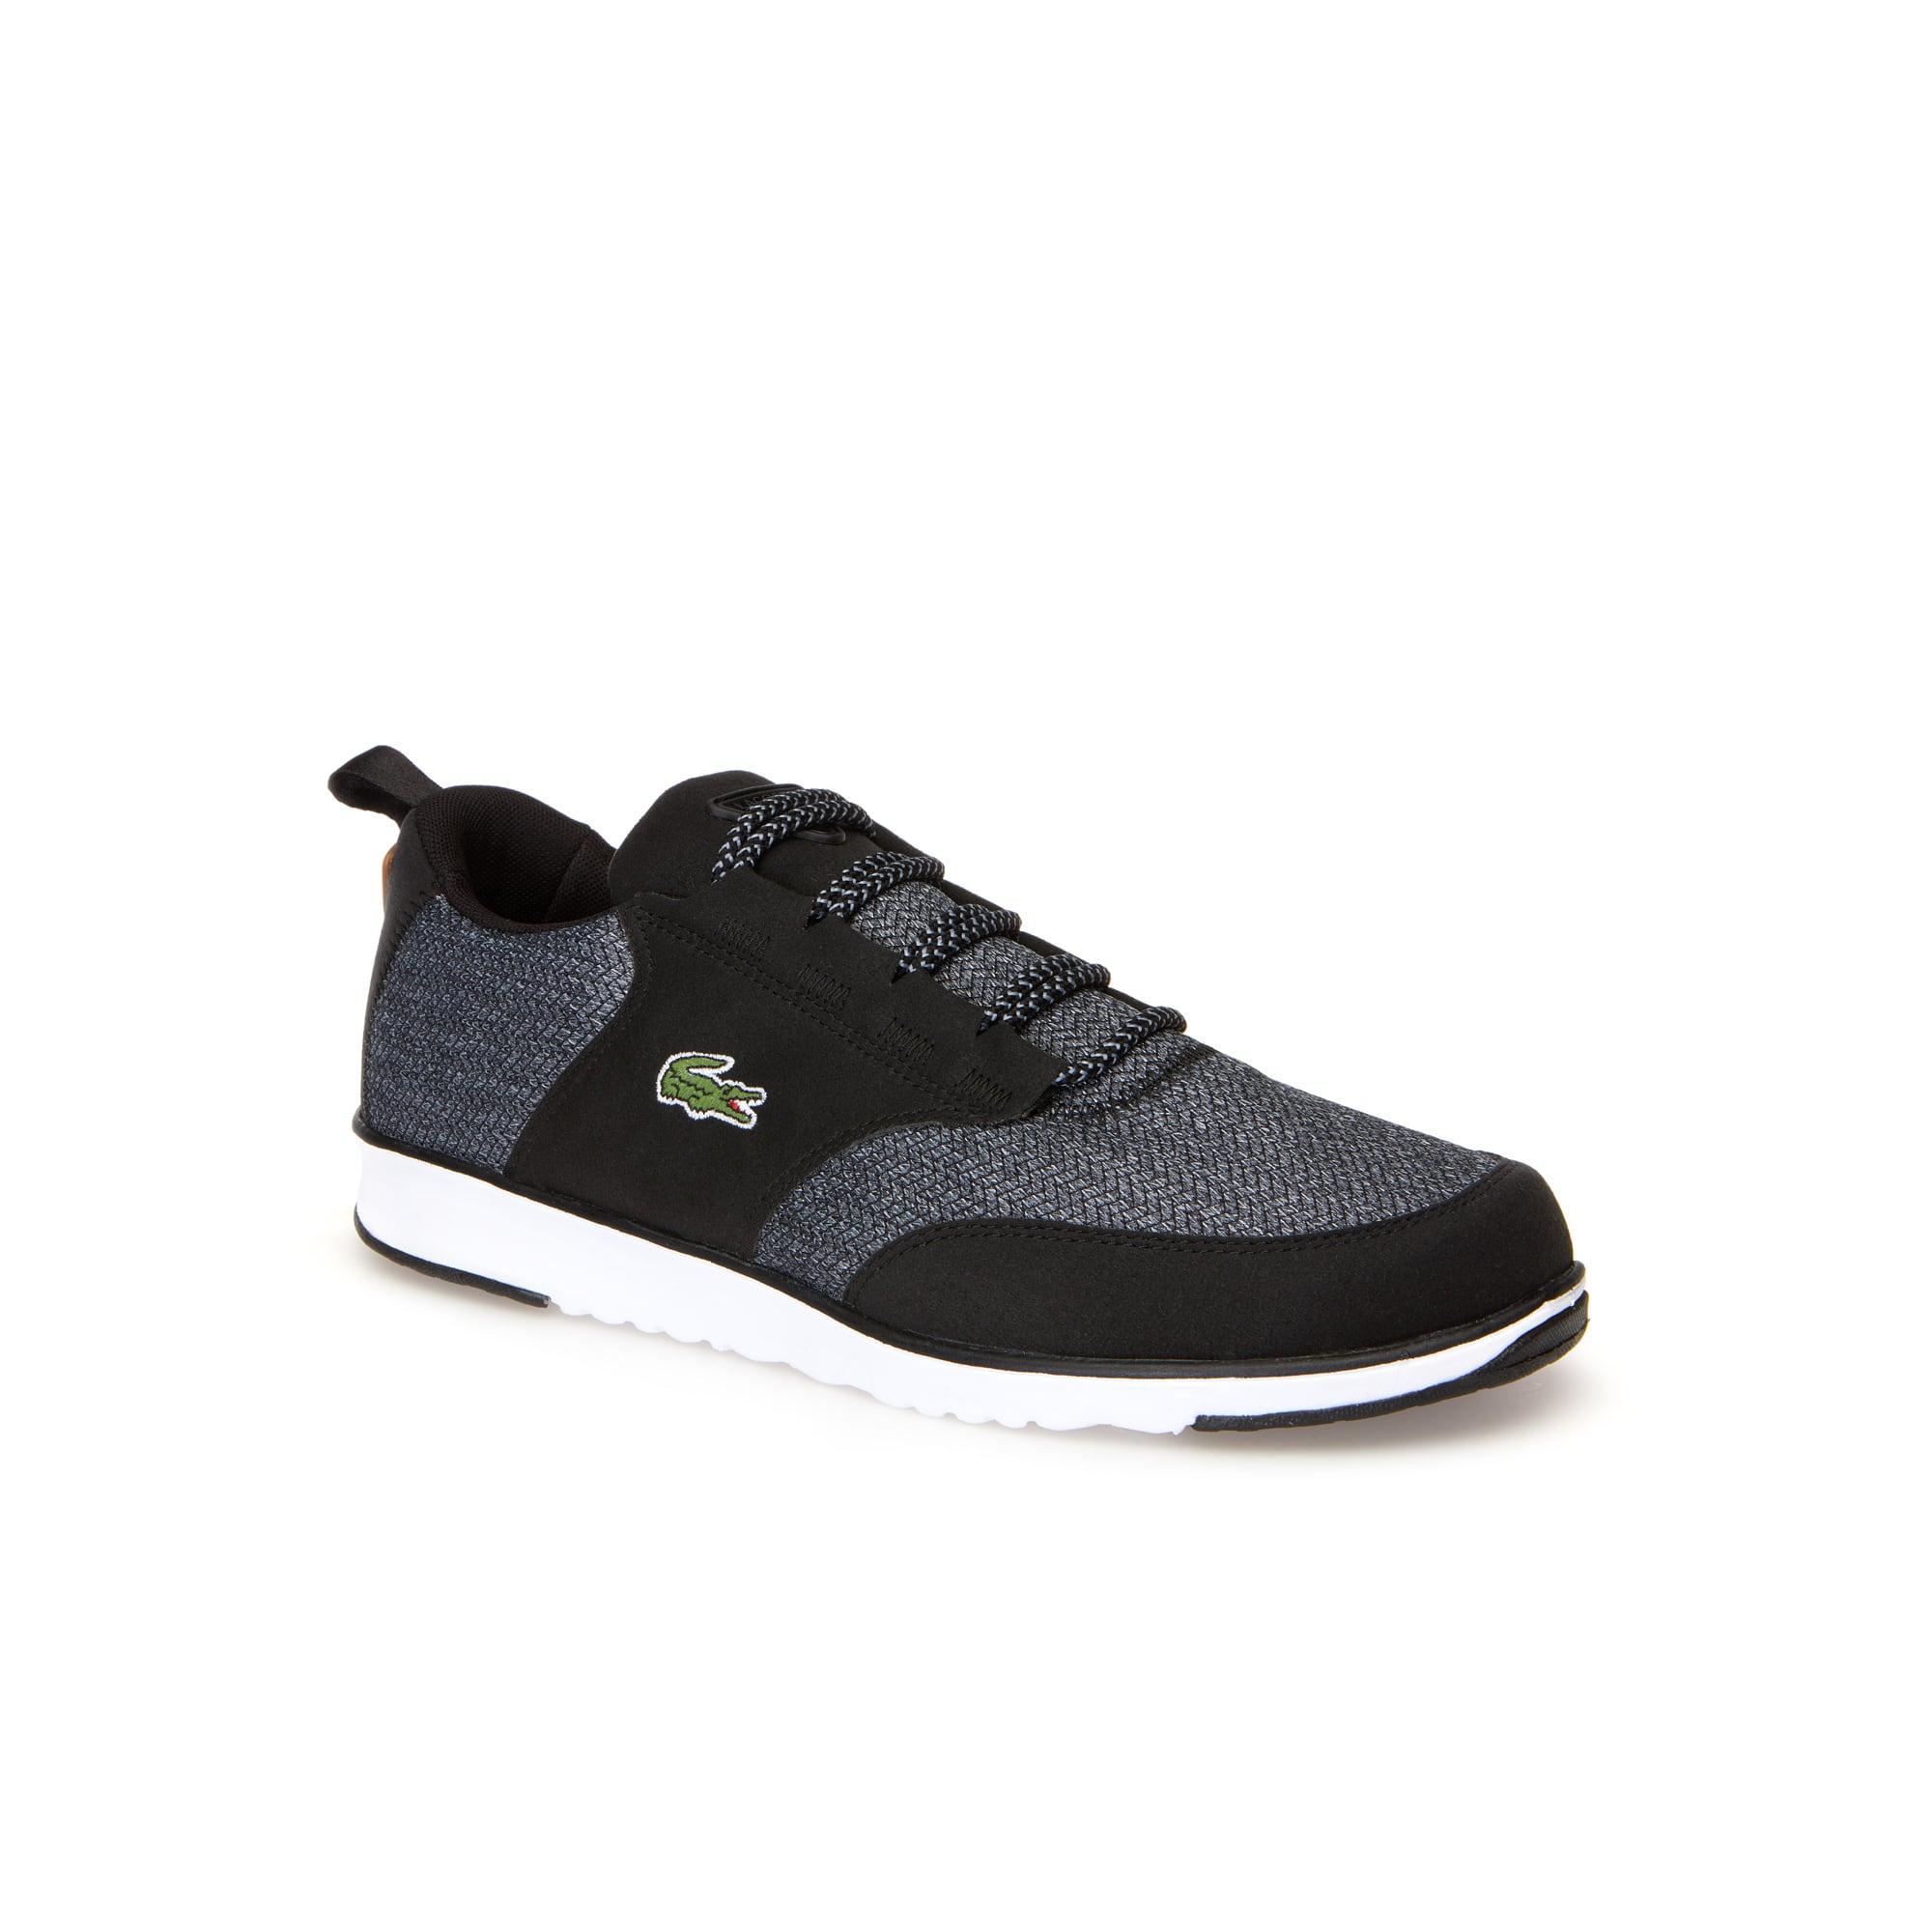 Zapatillas de hombre L.ight de piqué con efecto marga